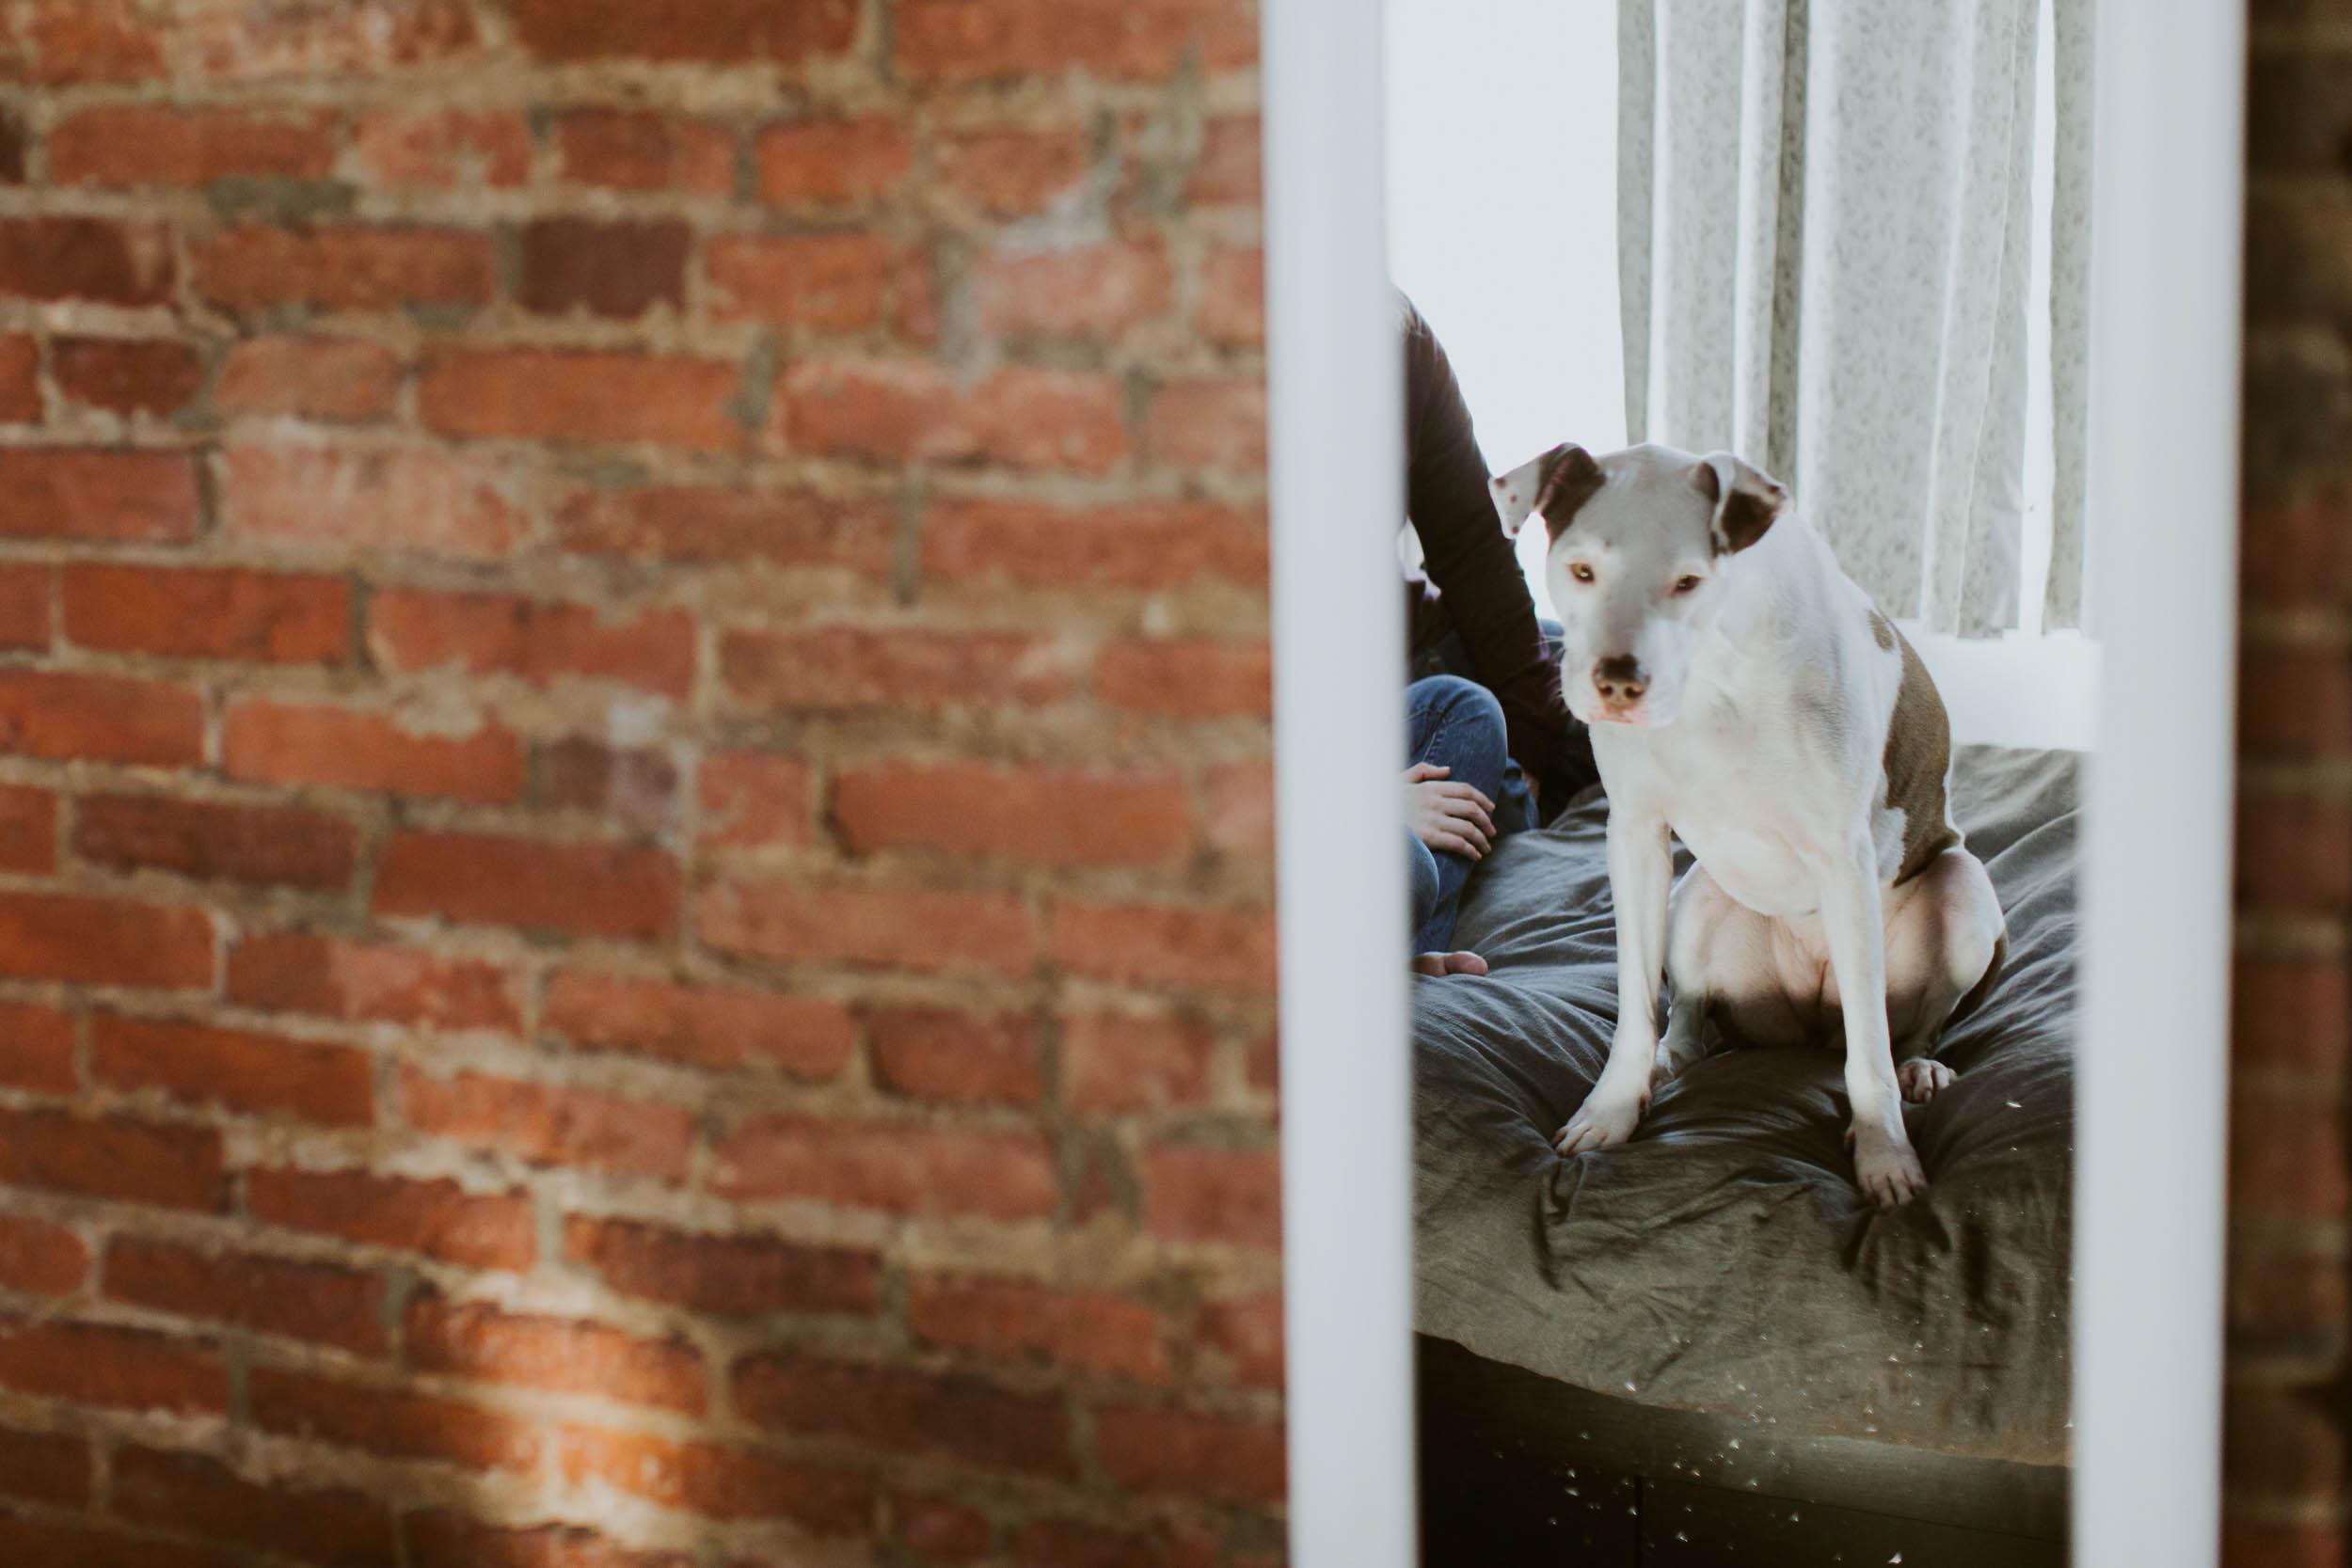 Kristen-Humbert-Family-Photoshoot-Philadelphia_Ruby-James-W-2-14.jpg